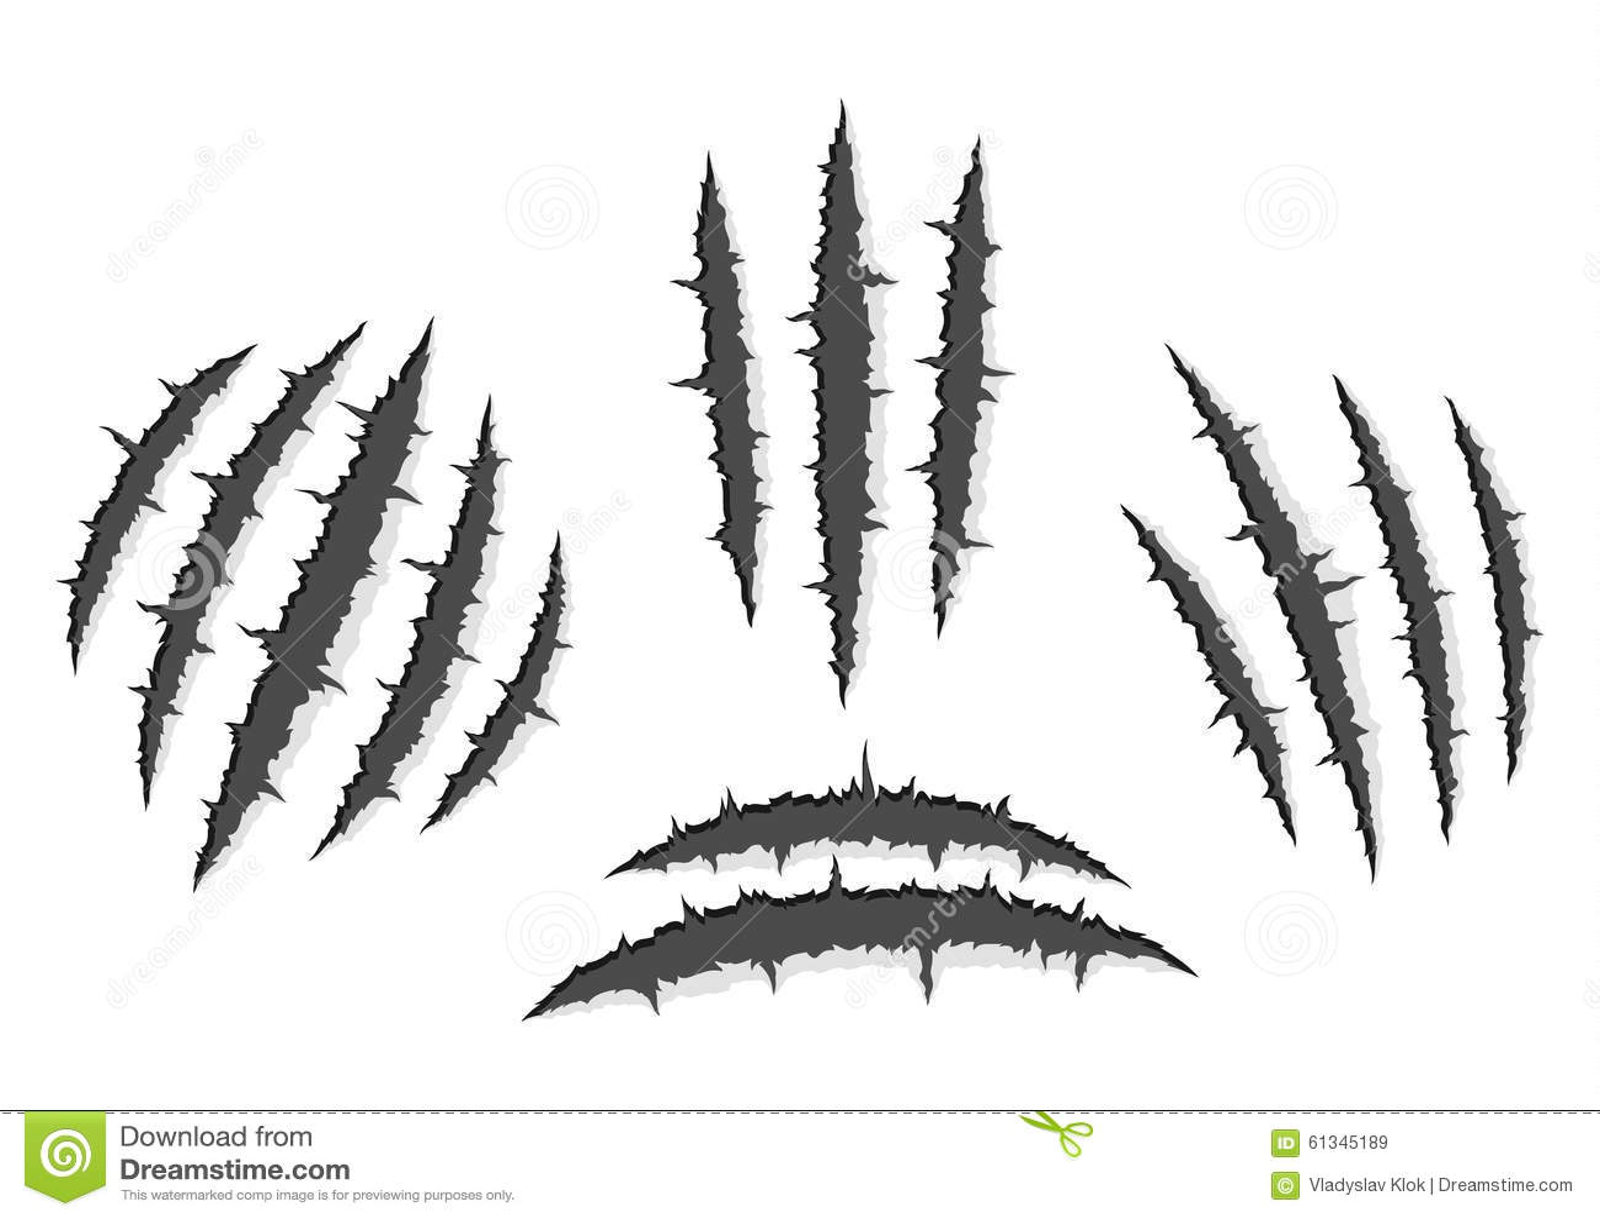 Werewolf claw marks - photo#34